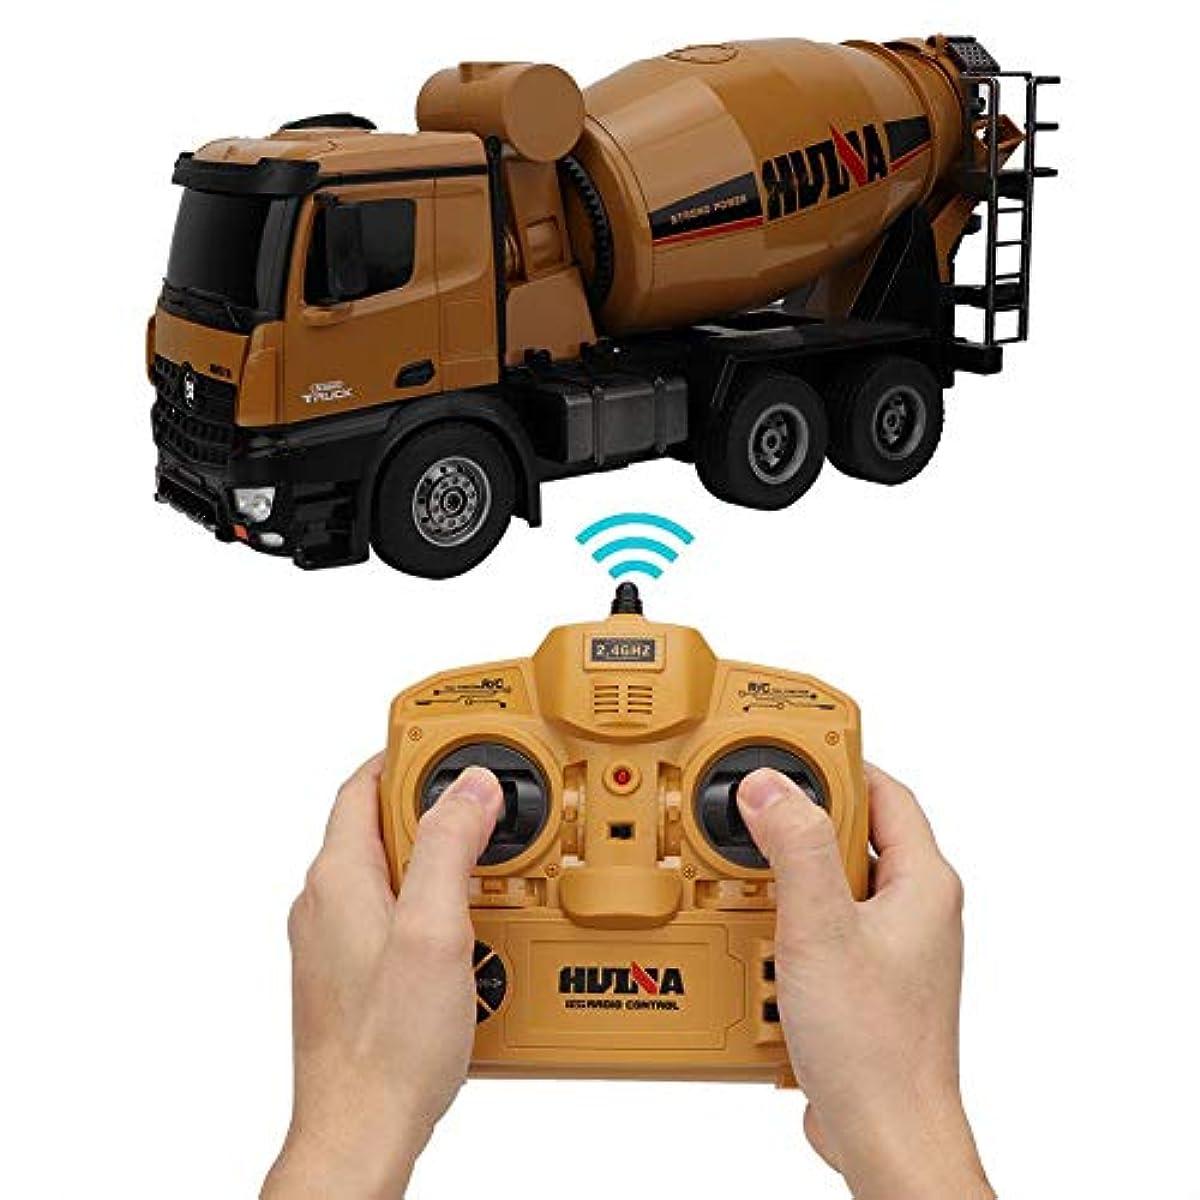 [해외] 리모트 컨트롤차,아이1:14 10채널 리모트 컨트롤차 모의 믹서 트럭 기프트 상품